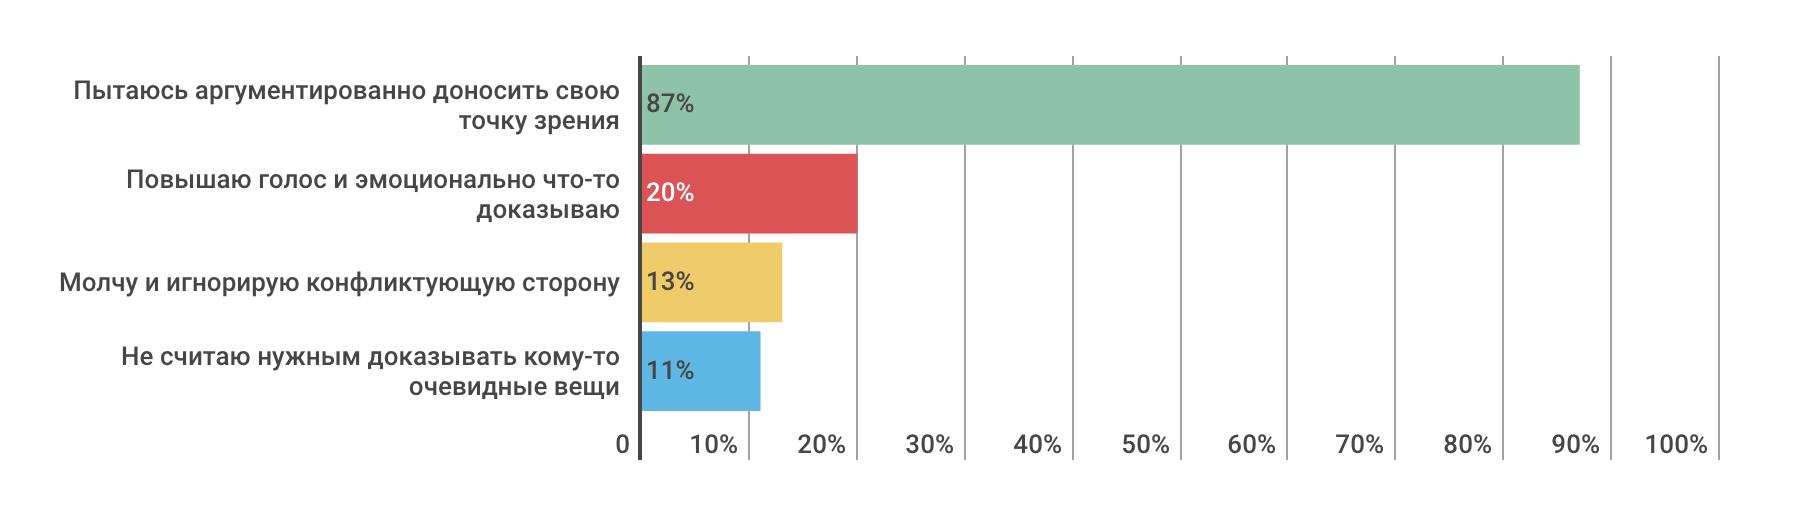 Насколько разработчики конфликтные — инфографика по результатам опроса на «Моем круге» - 6